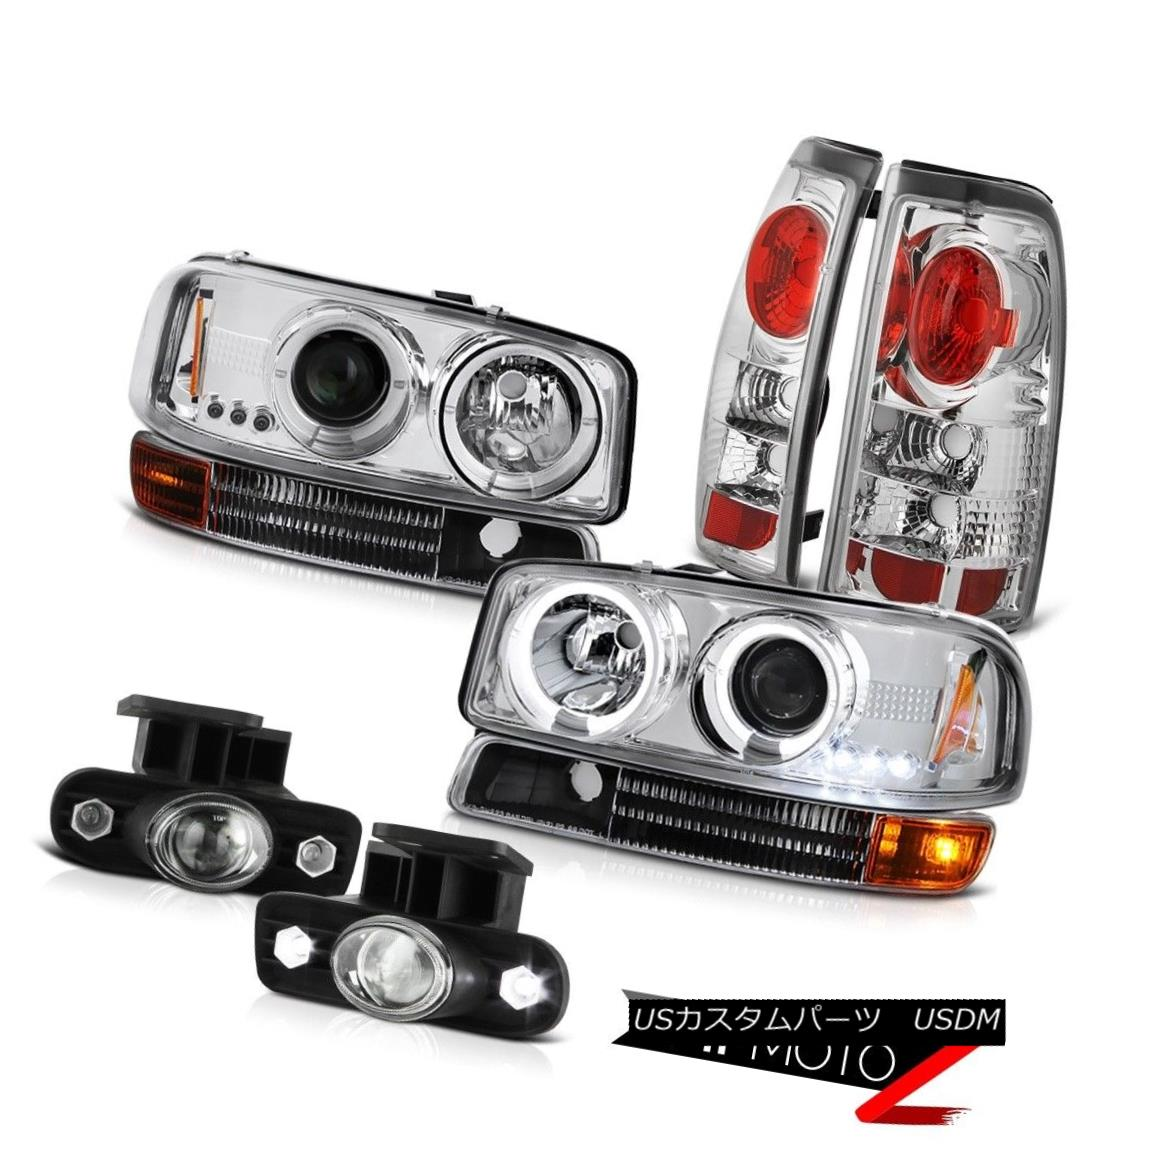 テールライト 2X Angel Eye Projector Headlight Black Bumper Rear Tail Lamp Fog 99-03 Sierra SL 2Xエンジェルアイプロジェクターヘッドライトブラックバンパーリアテールランプフォグ99-03 Sierra SL